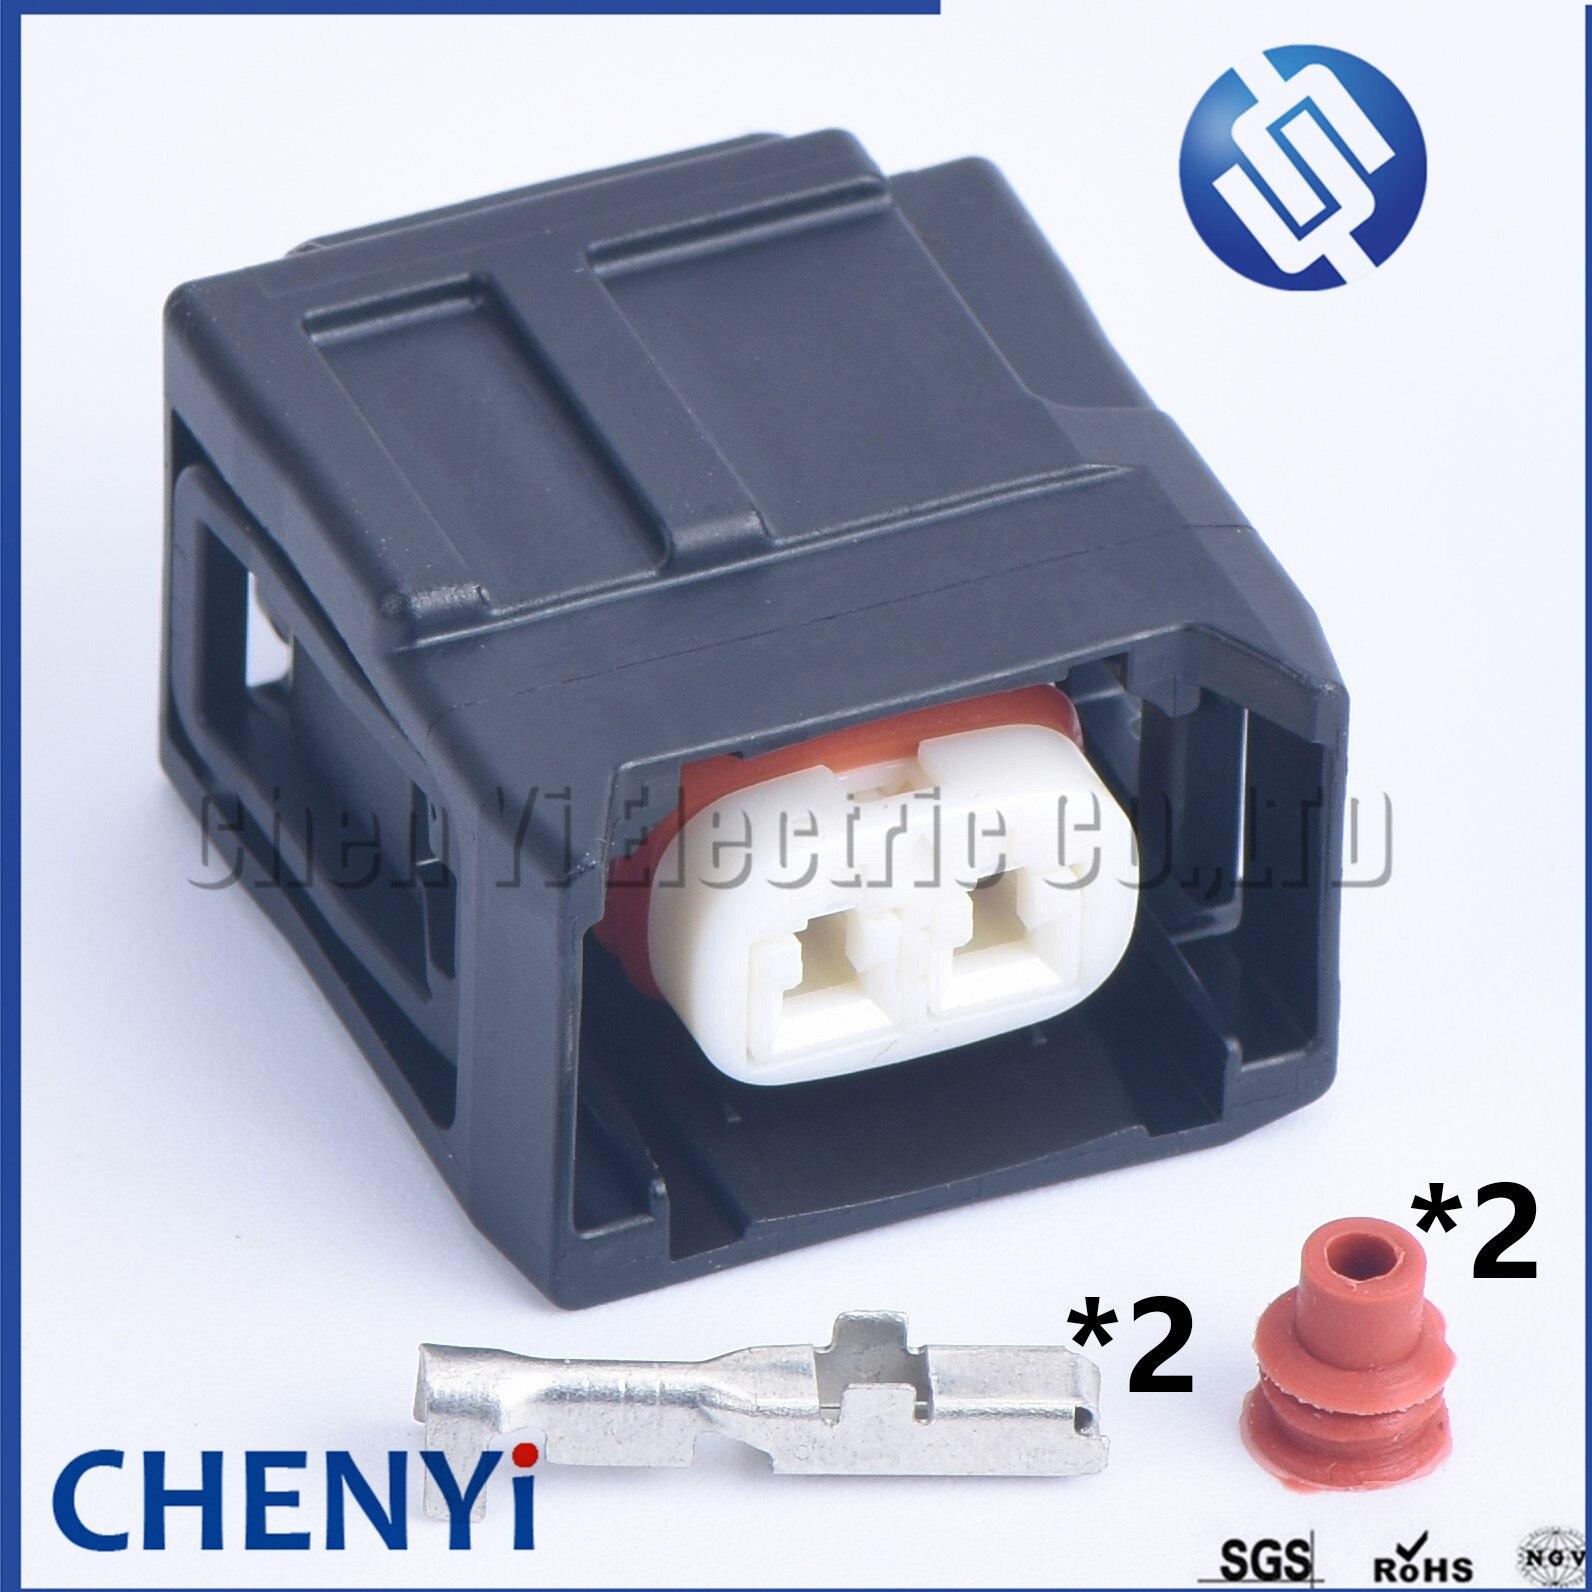 1 conjunto 2 pinos fêmea toyota hilux revo gun126 1gd 2.8l, conector 7120-9100-60 do soquete do bocal do injetor de combustível de toyota fortuner 2gd 2.4l